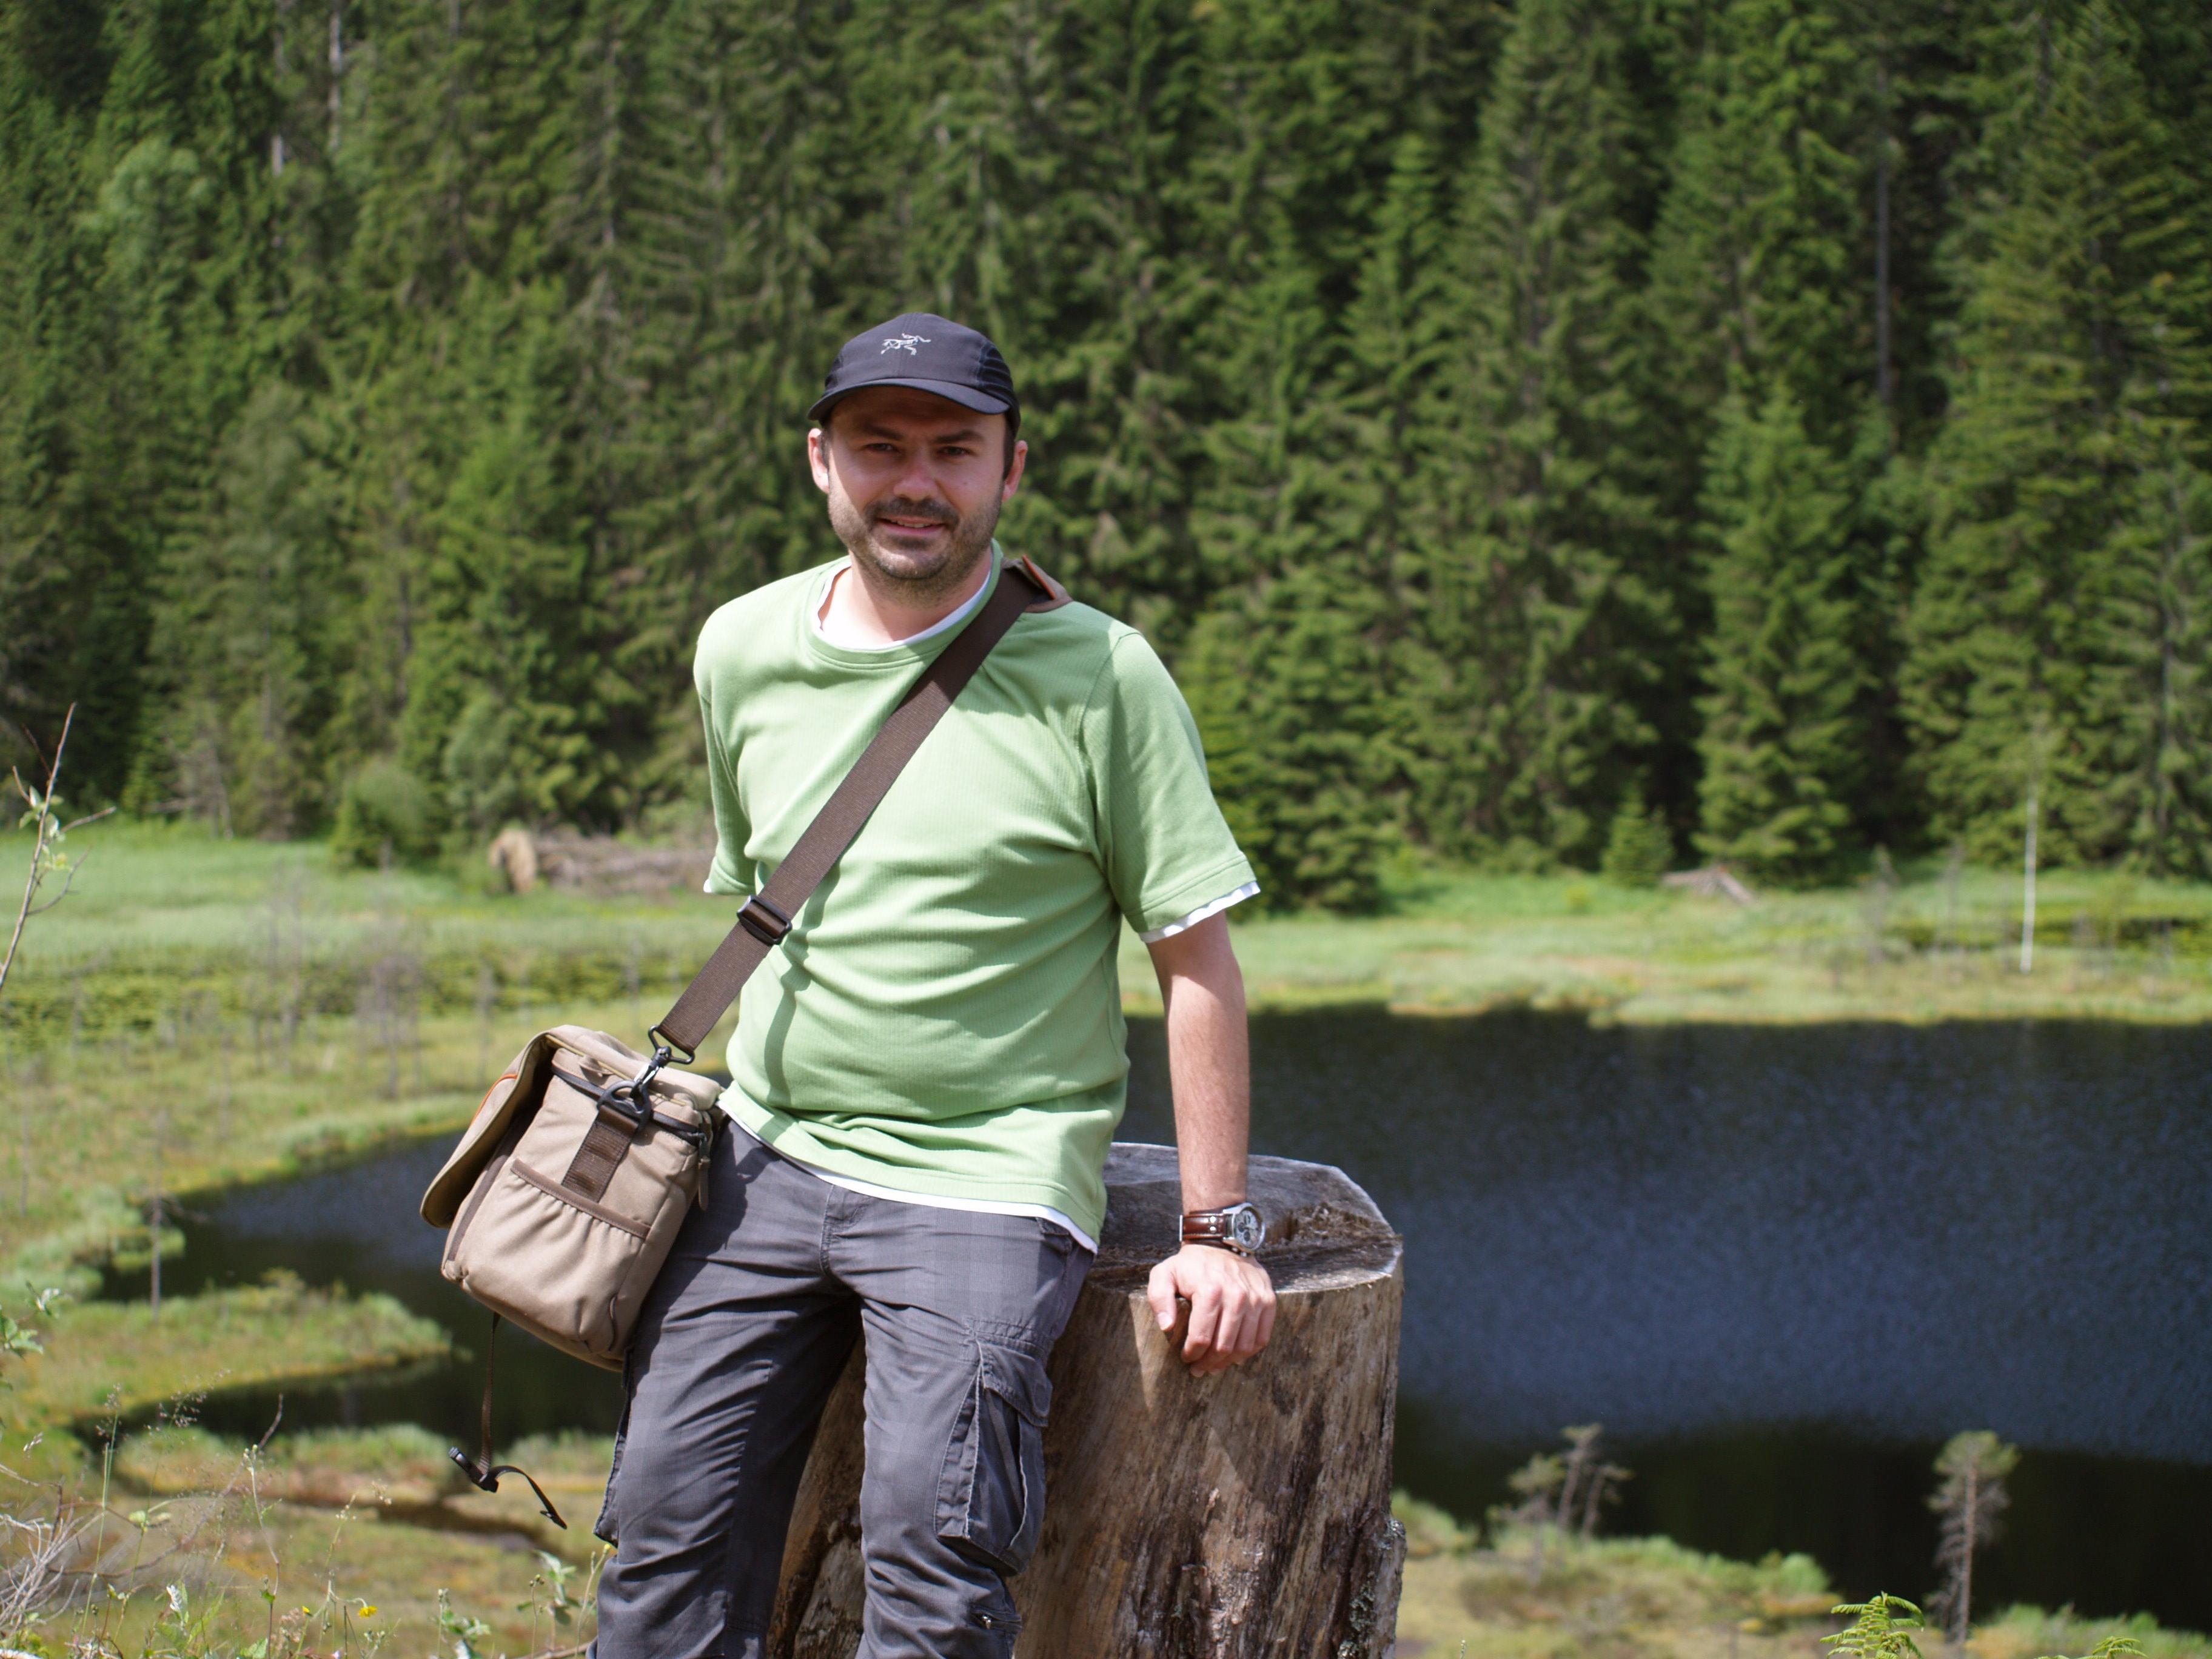 Die Natur ist seine Inspiration: Umweltkrimiautor und ForestFinance-Kunde Torsten Jäger am Huzenbachsee. Foto: privat